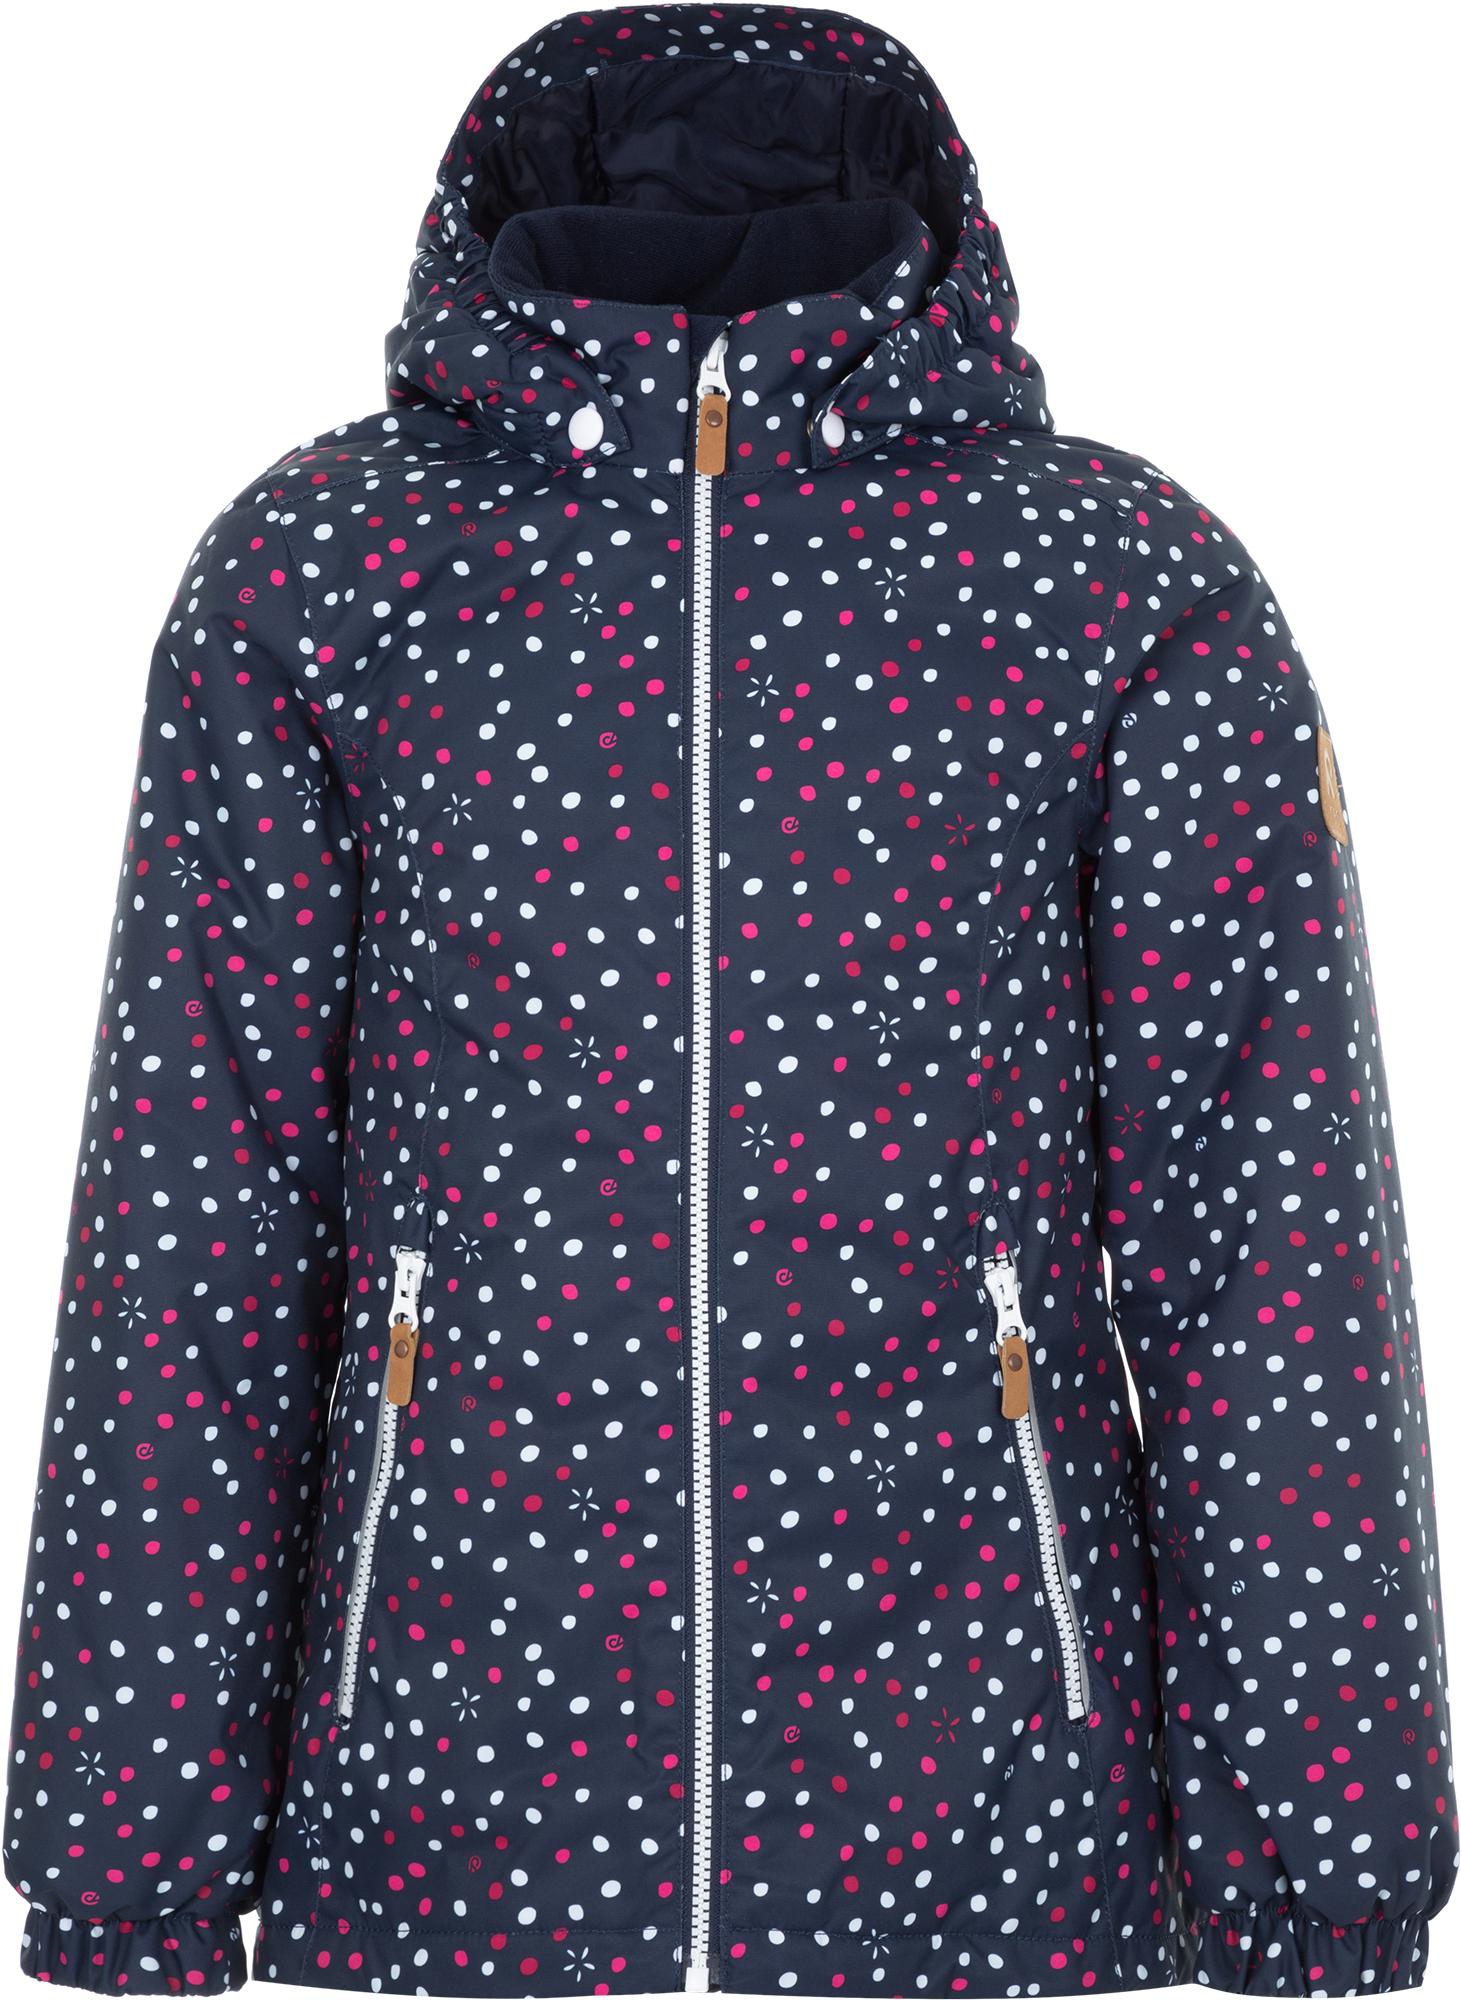 Reima Куртка утепленная для девочек Reima Ovlin, размер 134